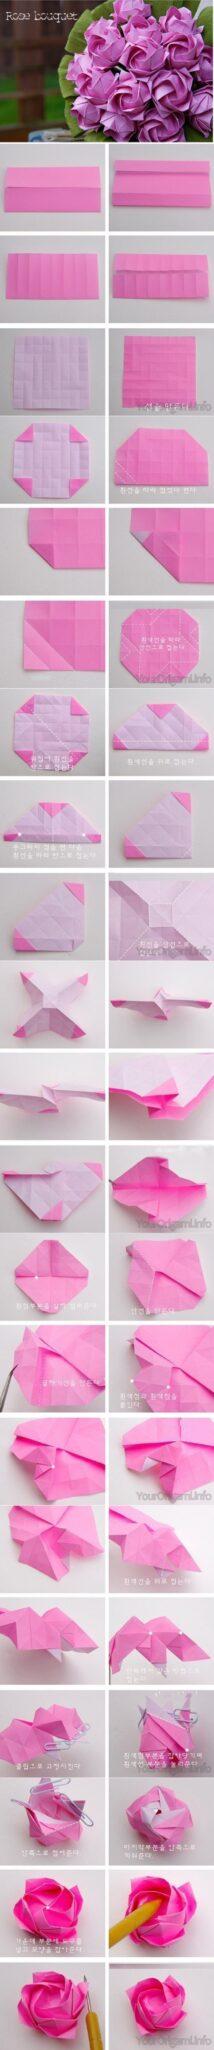 DIY-Beautiful-Origami-Paper-Roses-tutorial